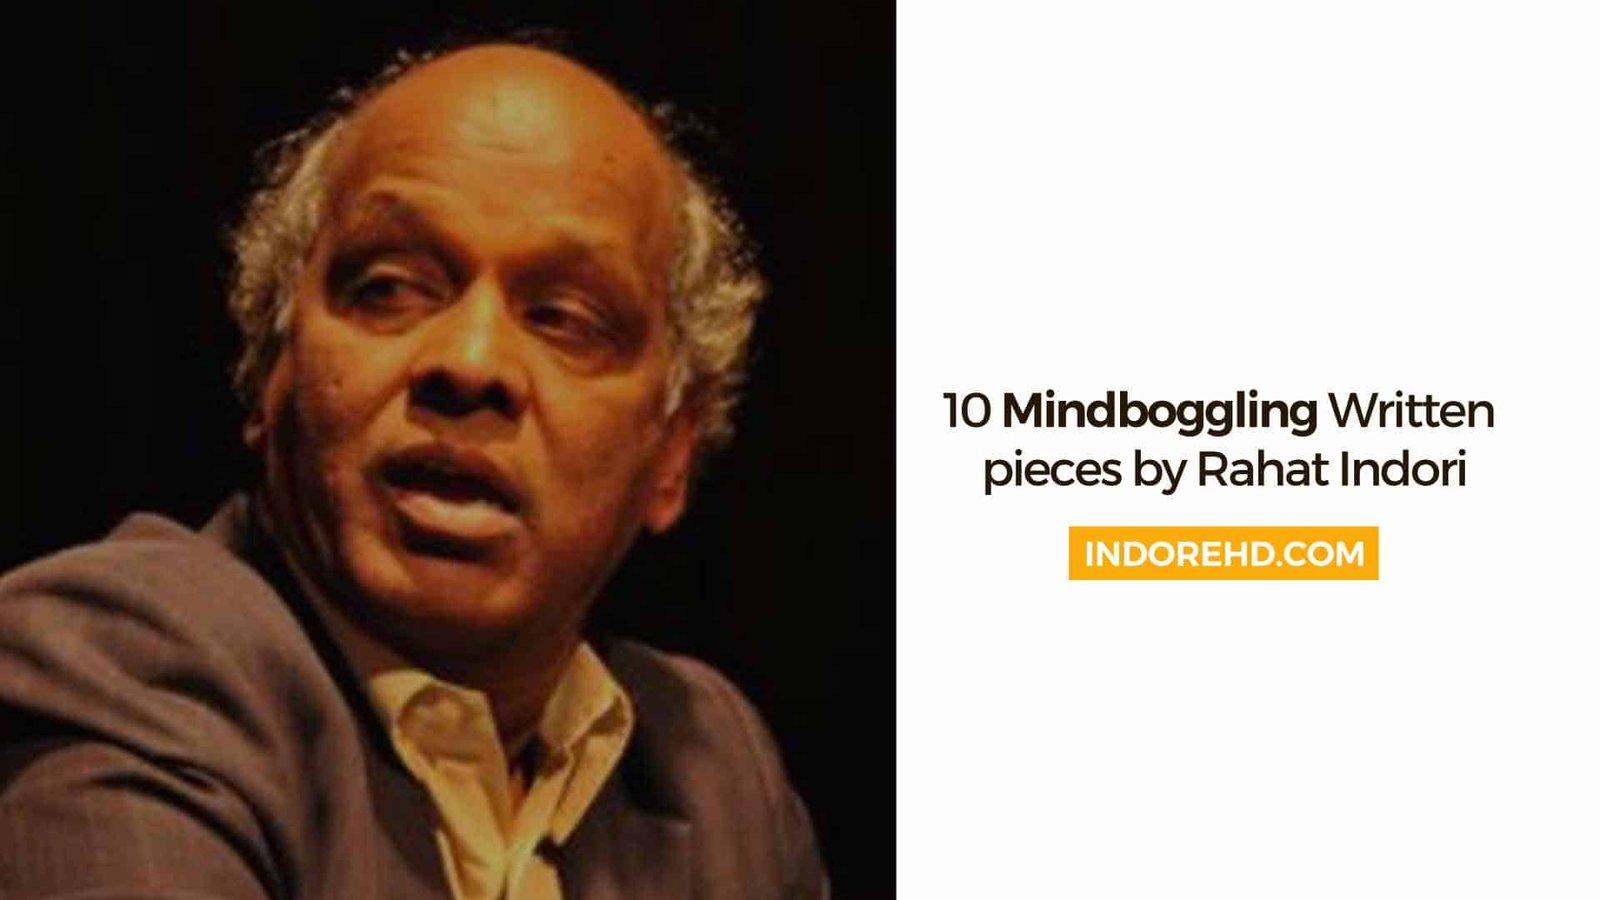 10-Mindboggling-Shayaris-Rahat-Indori-IndoreHD